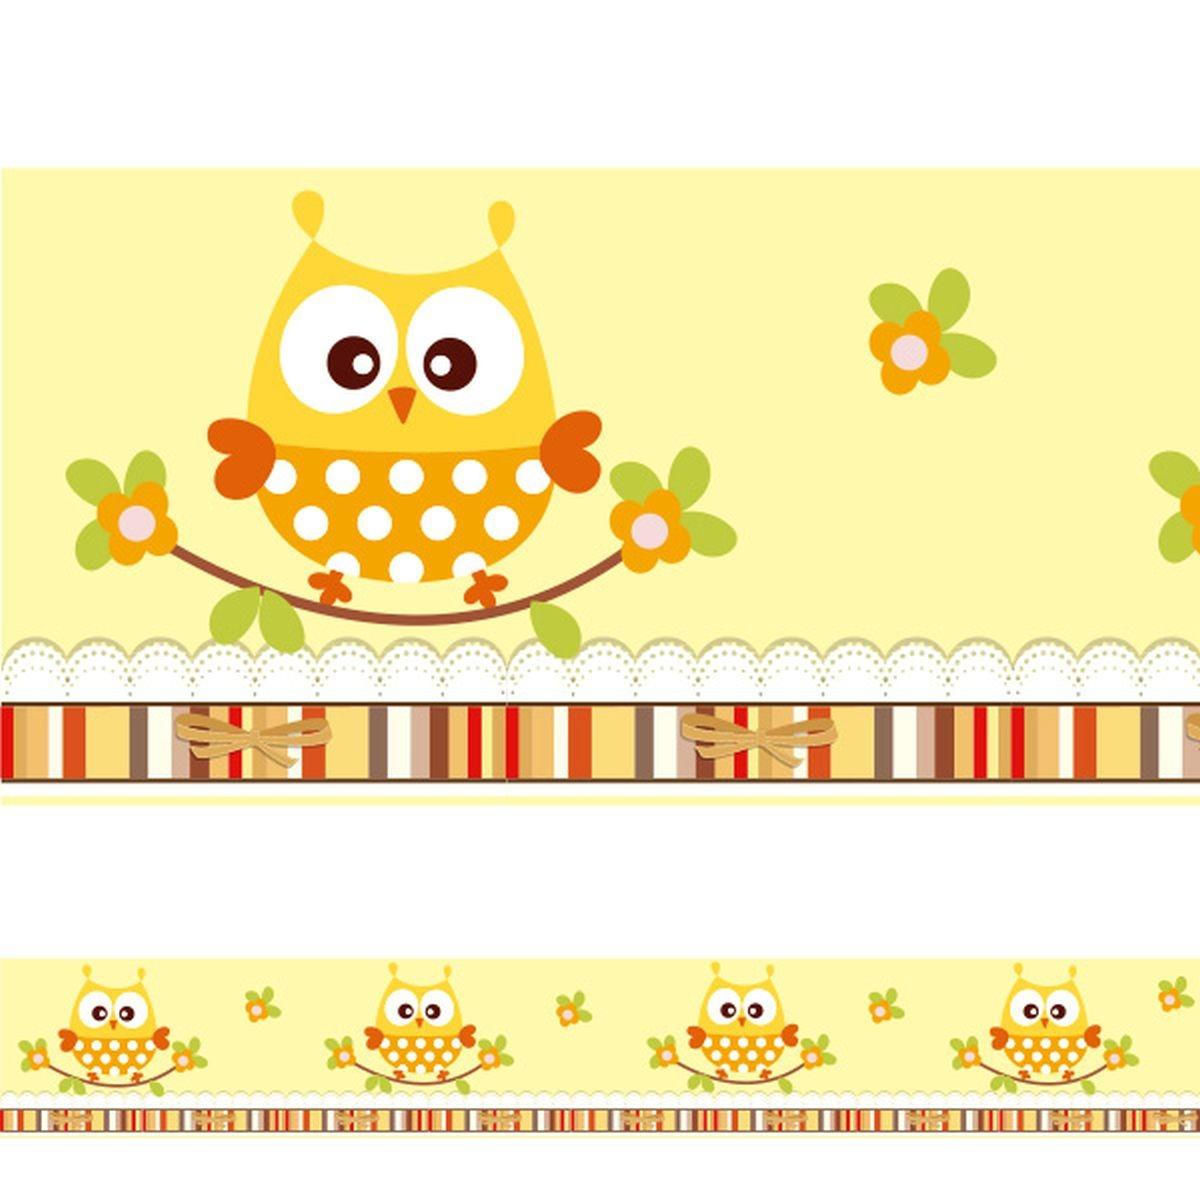 0d0ee4d04 adesivo decorativo faixa infantil coruja corujinha com flore. Carregando  zoom.